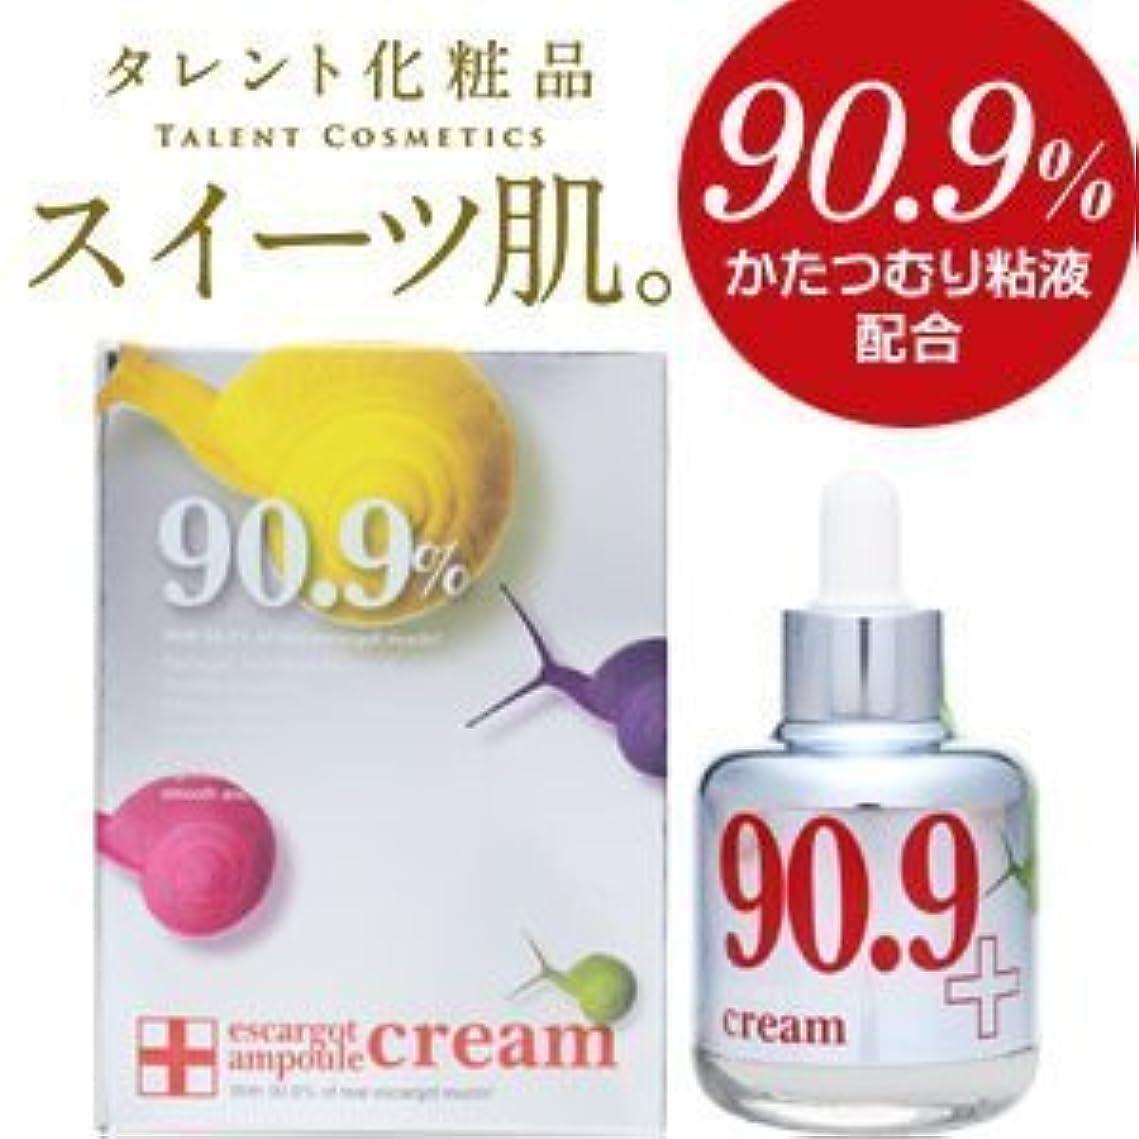 最も早い基礎役立つ【カタツムリクリーム】90.9%エスカルゴアンプルクリーム正規輸入品